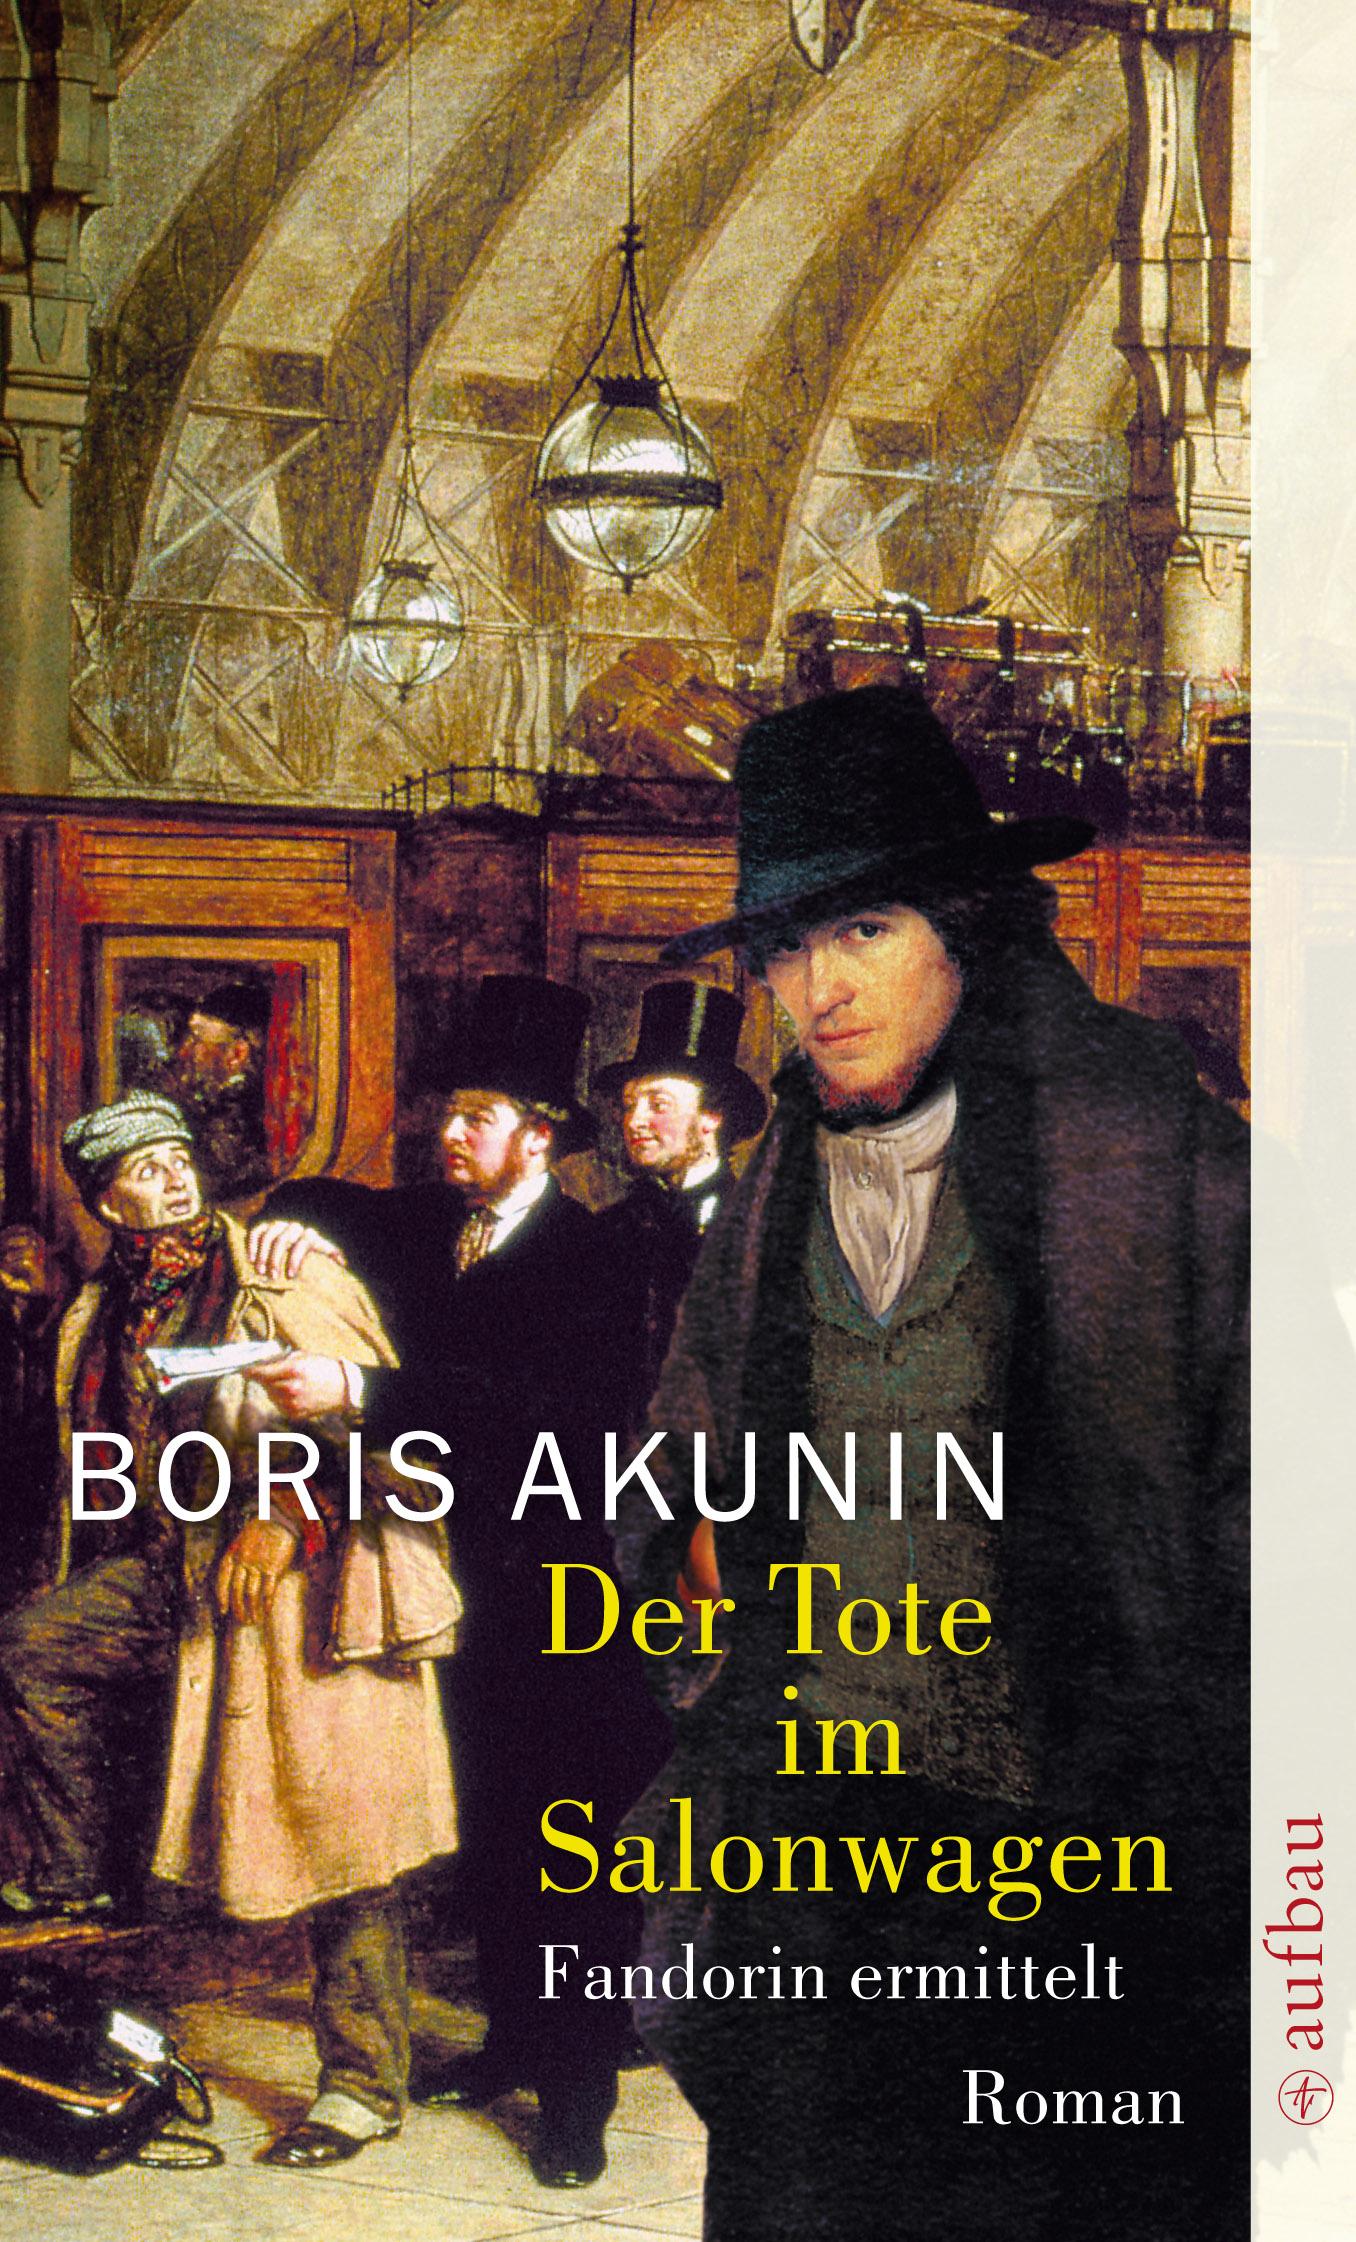 Der Tote im Salonwagen: Fandorin ermittelt - Boris Akunin